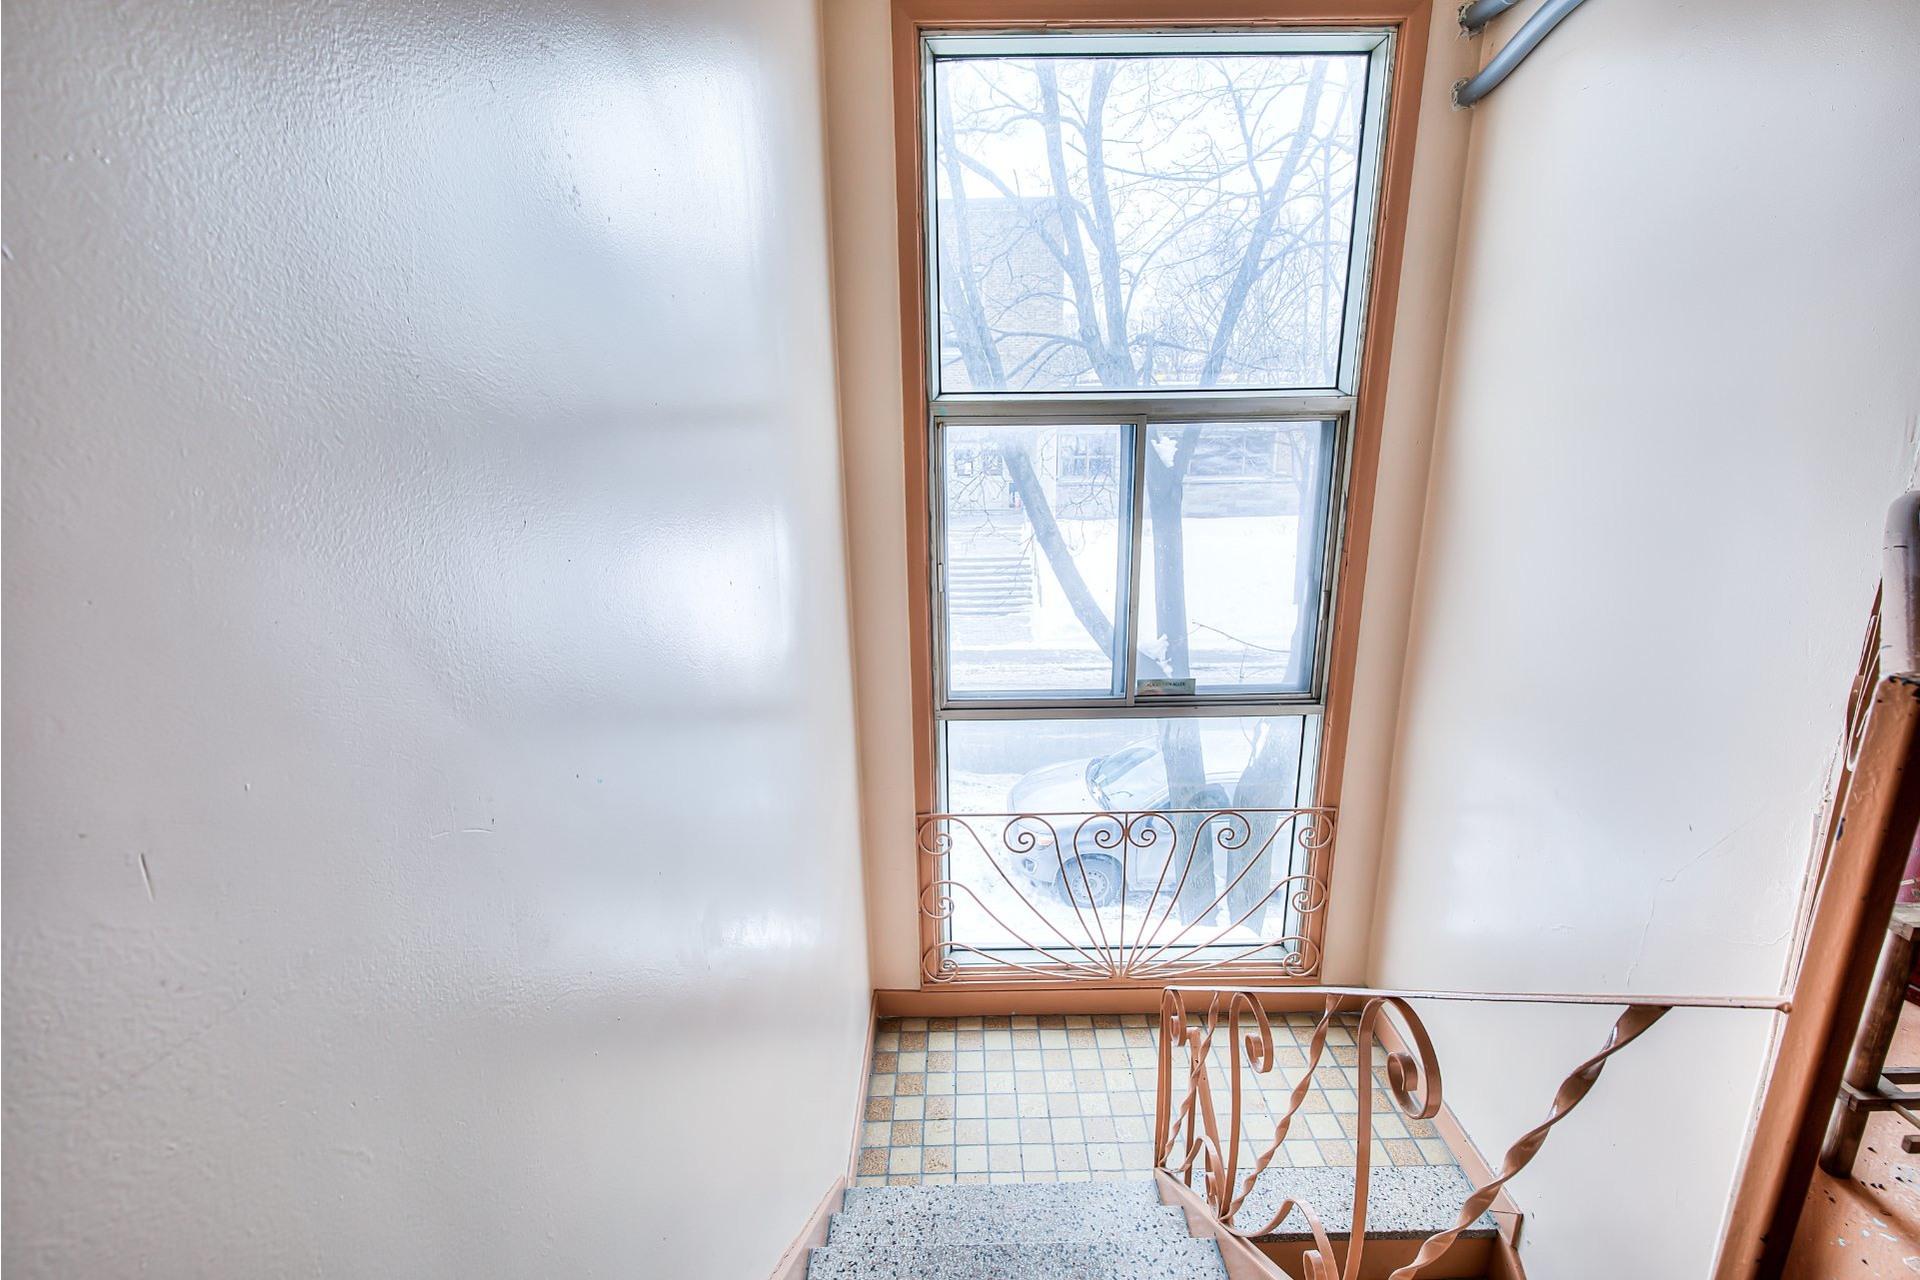 image 33 - Income property For sale Villeray/Saint-Michel/Parc-Extension Montréal  - 4 rooms